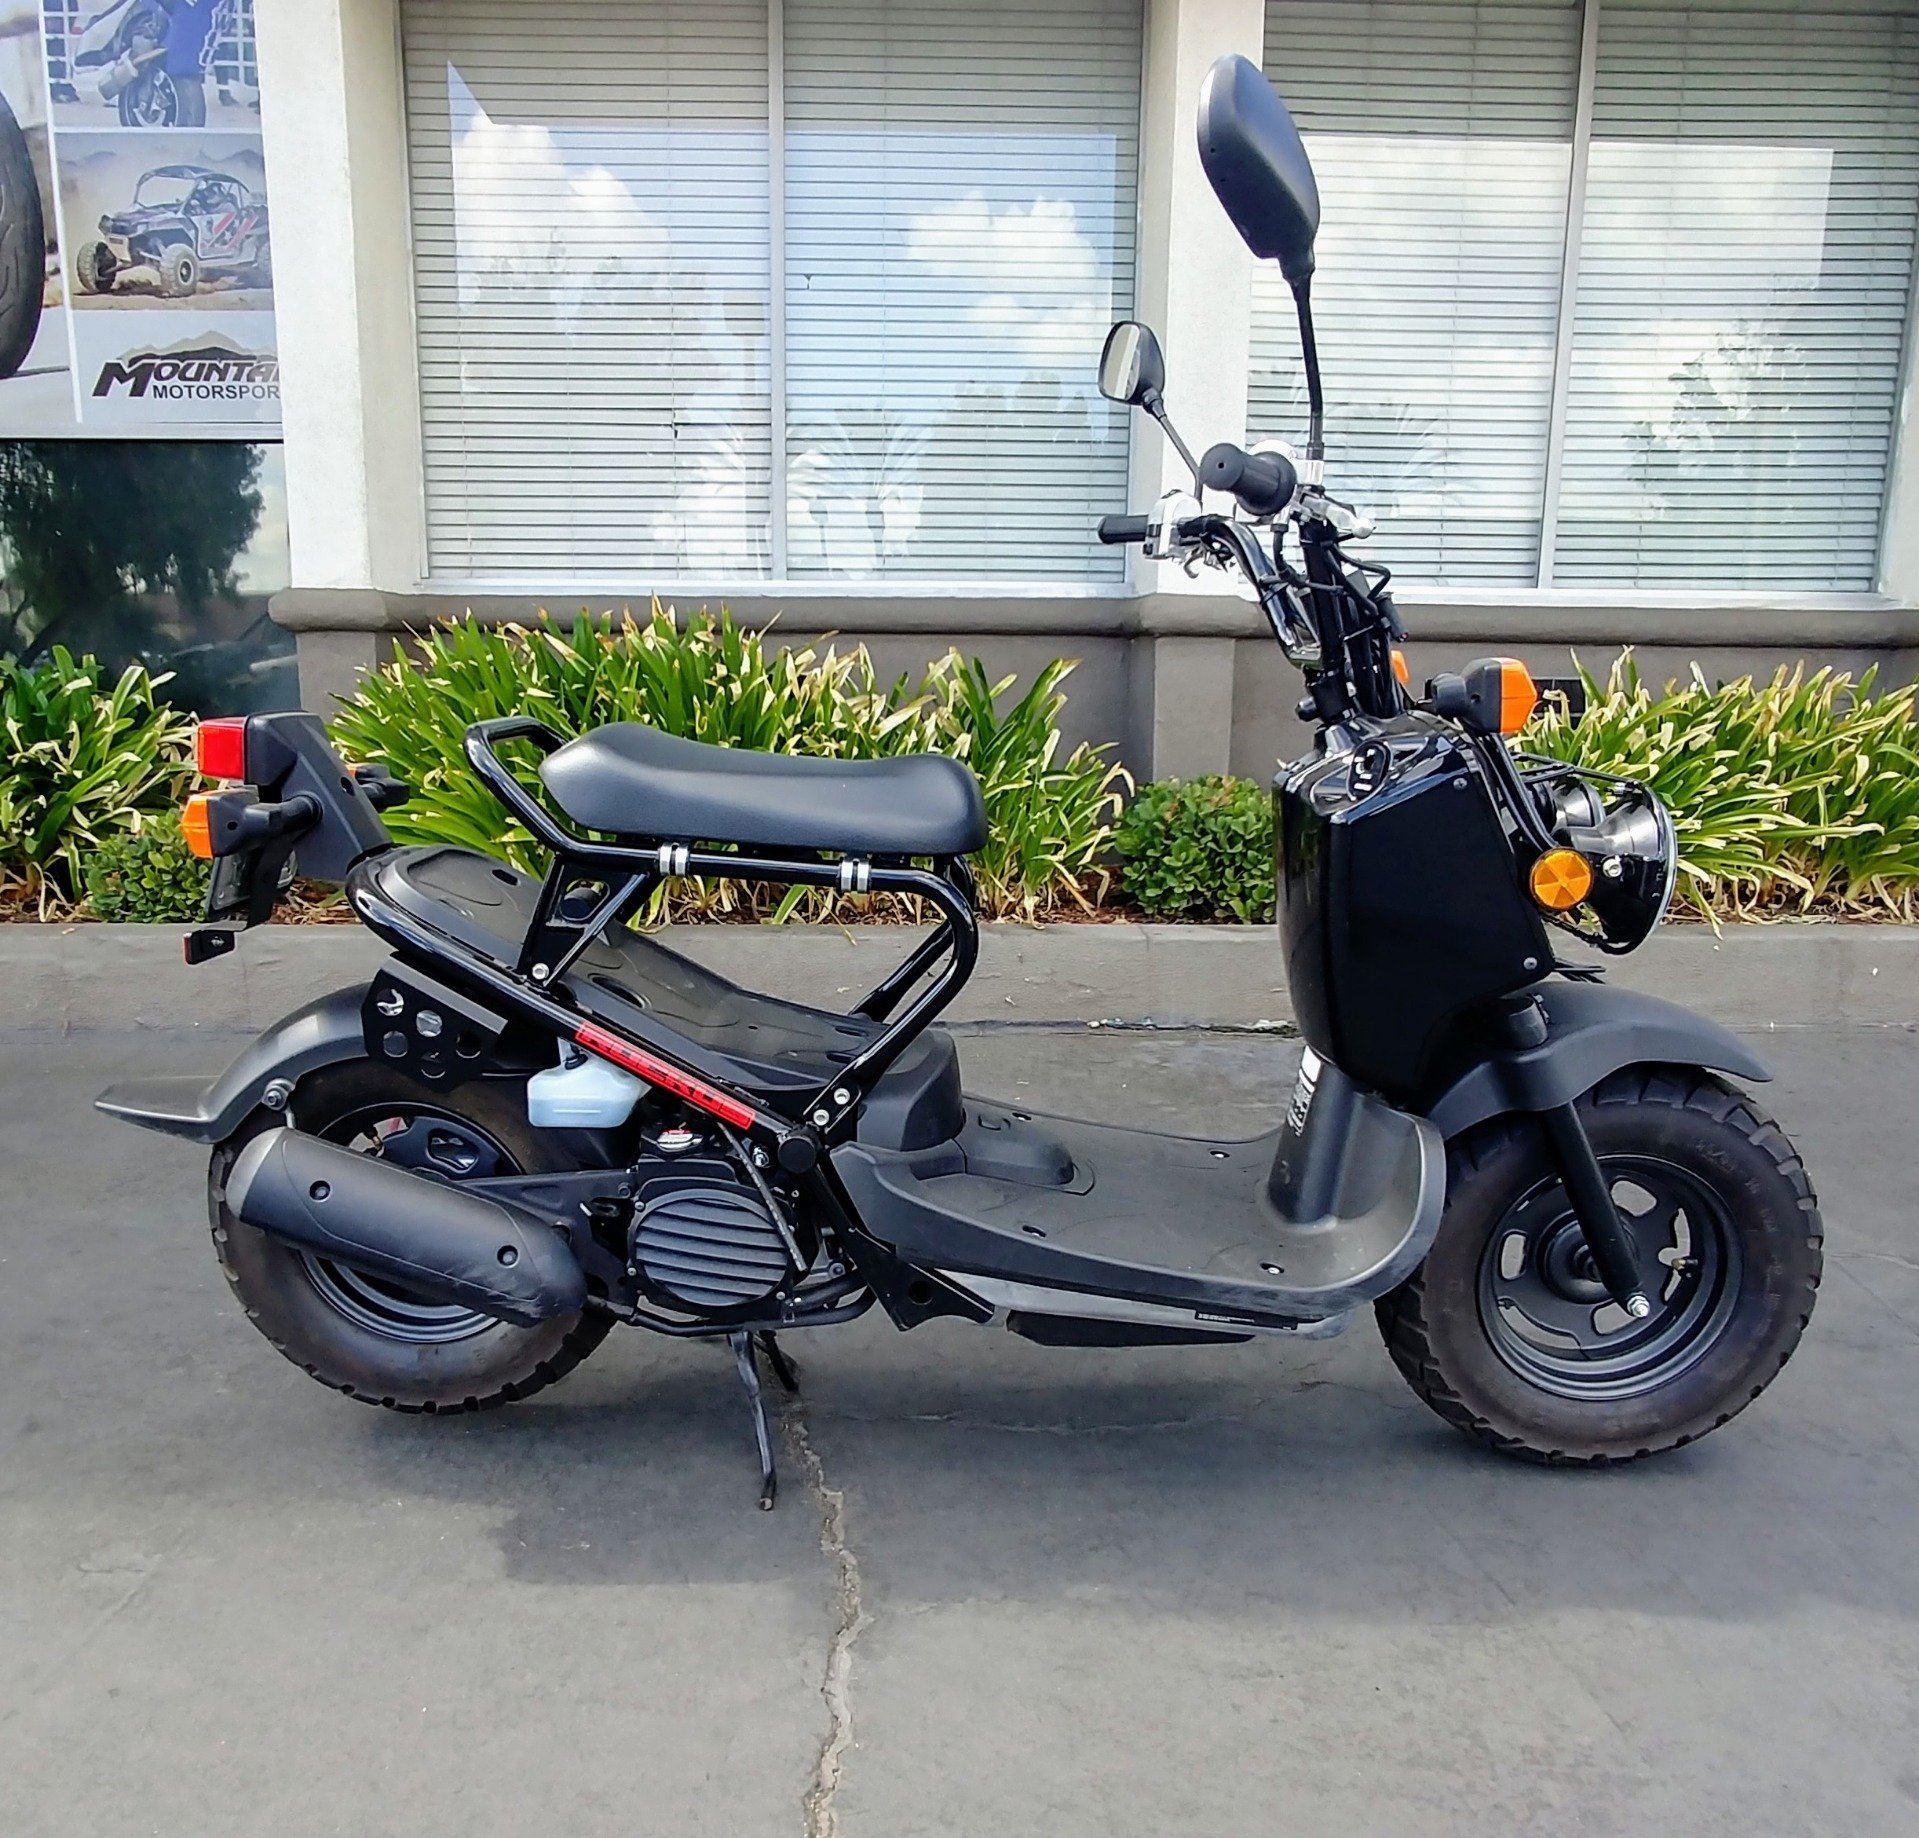 Used 2018 Honda Ruckus Scooters In Ontario Ca Stock Number Uu18181 1970 Motorcycle Vin Decoder California